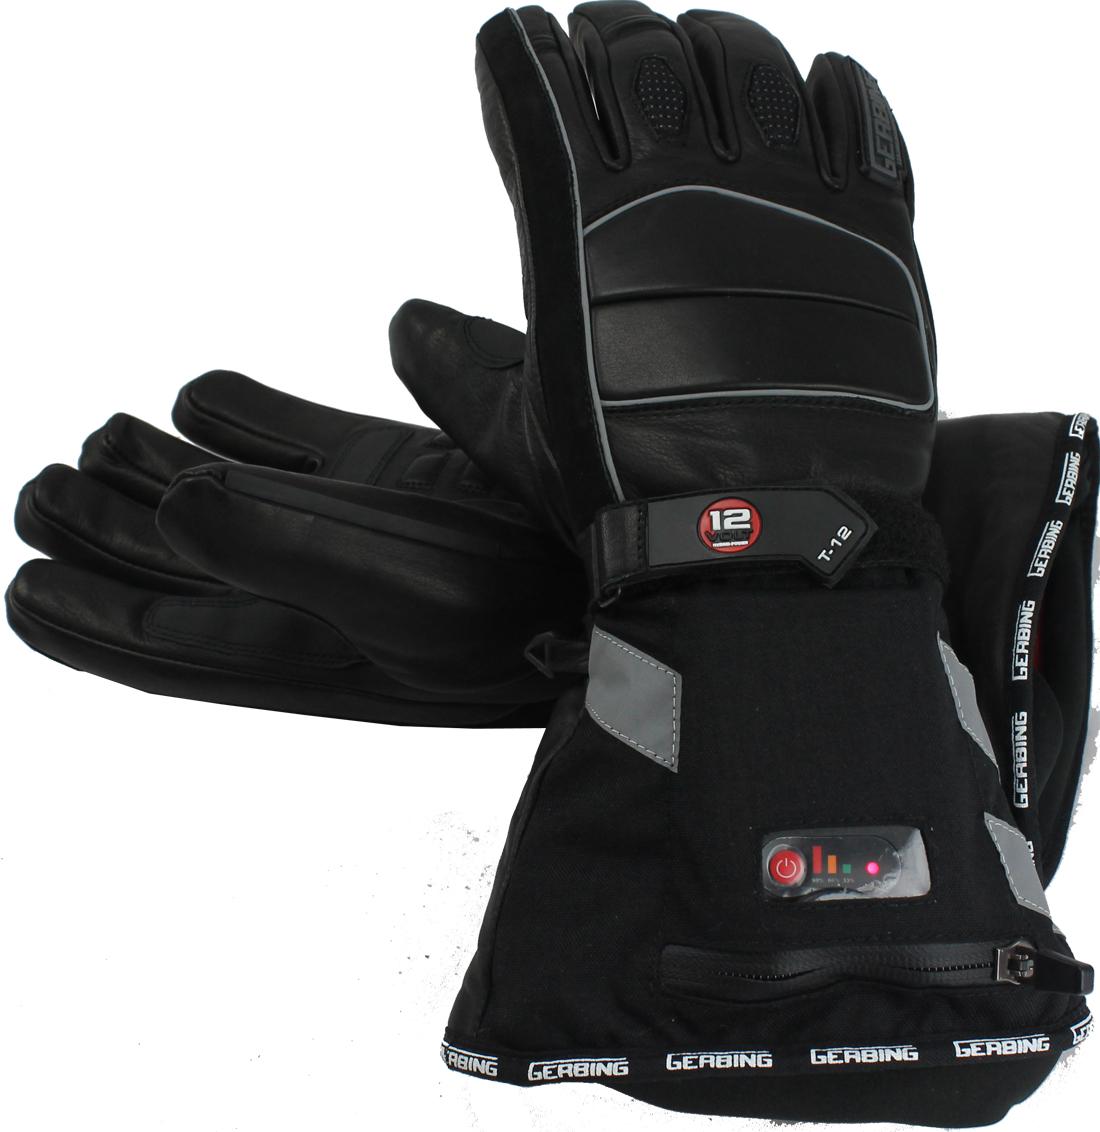 T-12 gloves